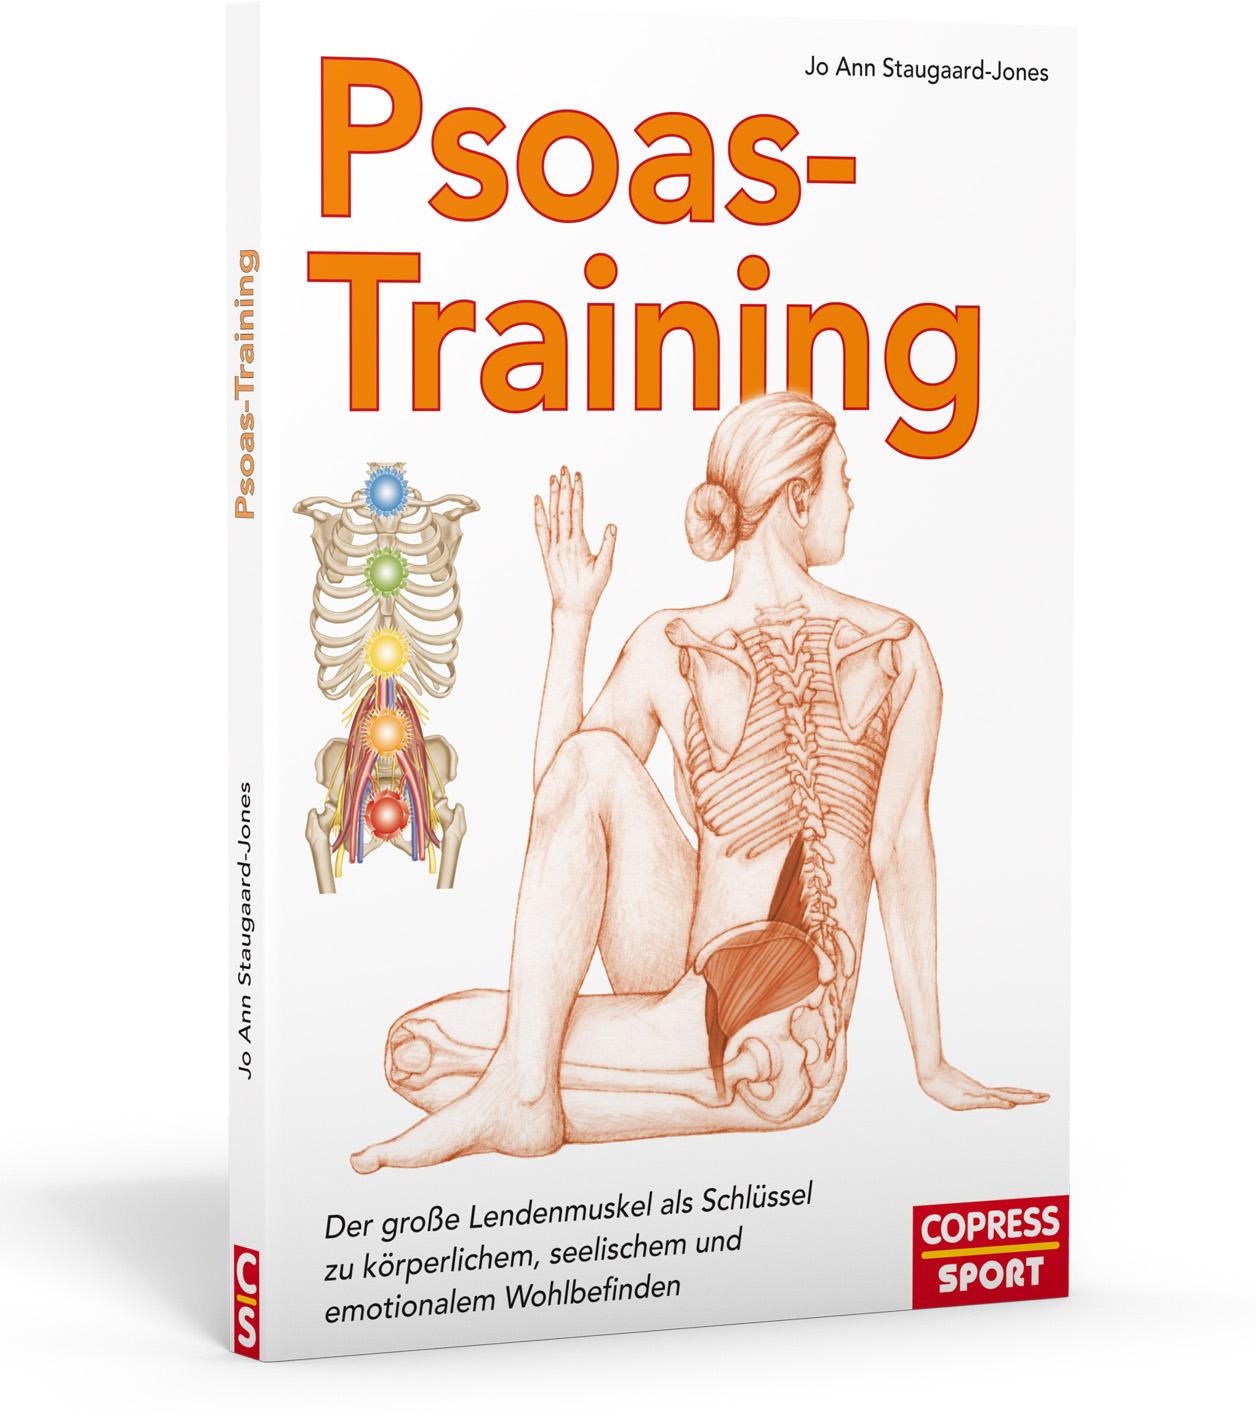 Psoas-Training: Der große Lendenmuskel als Schlussel zu körperlichem, seelischem und emotionalem Wohlbefinden - Staugaar